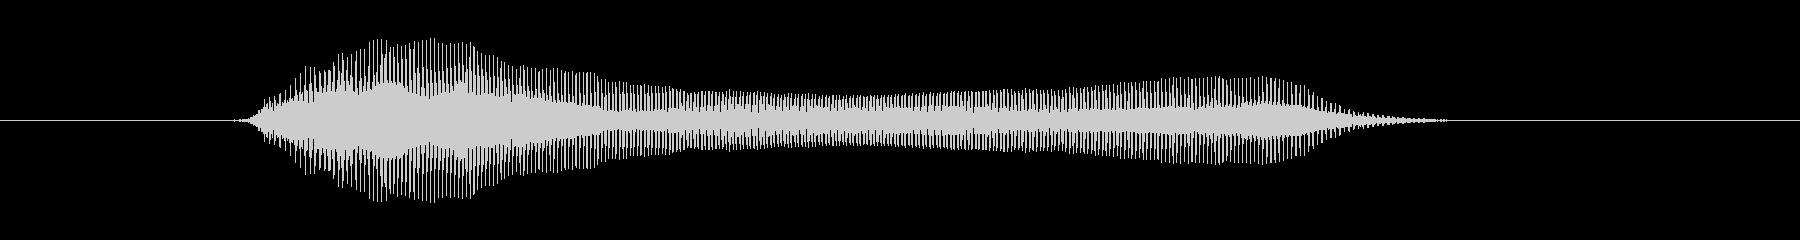 やー! の未再生の波形